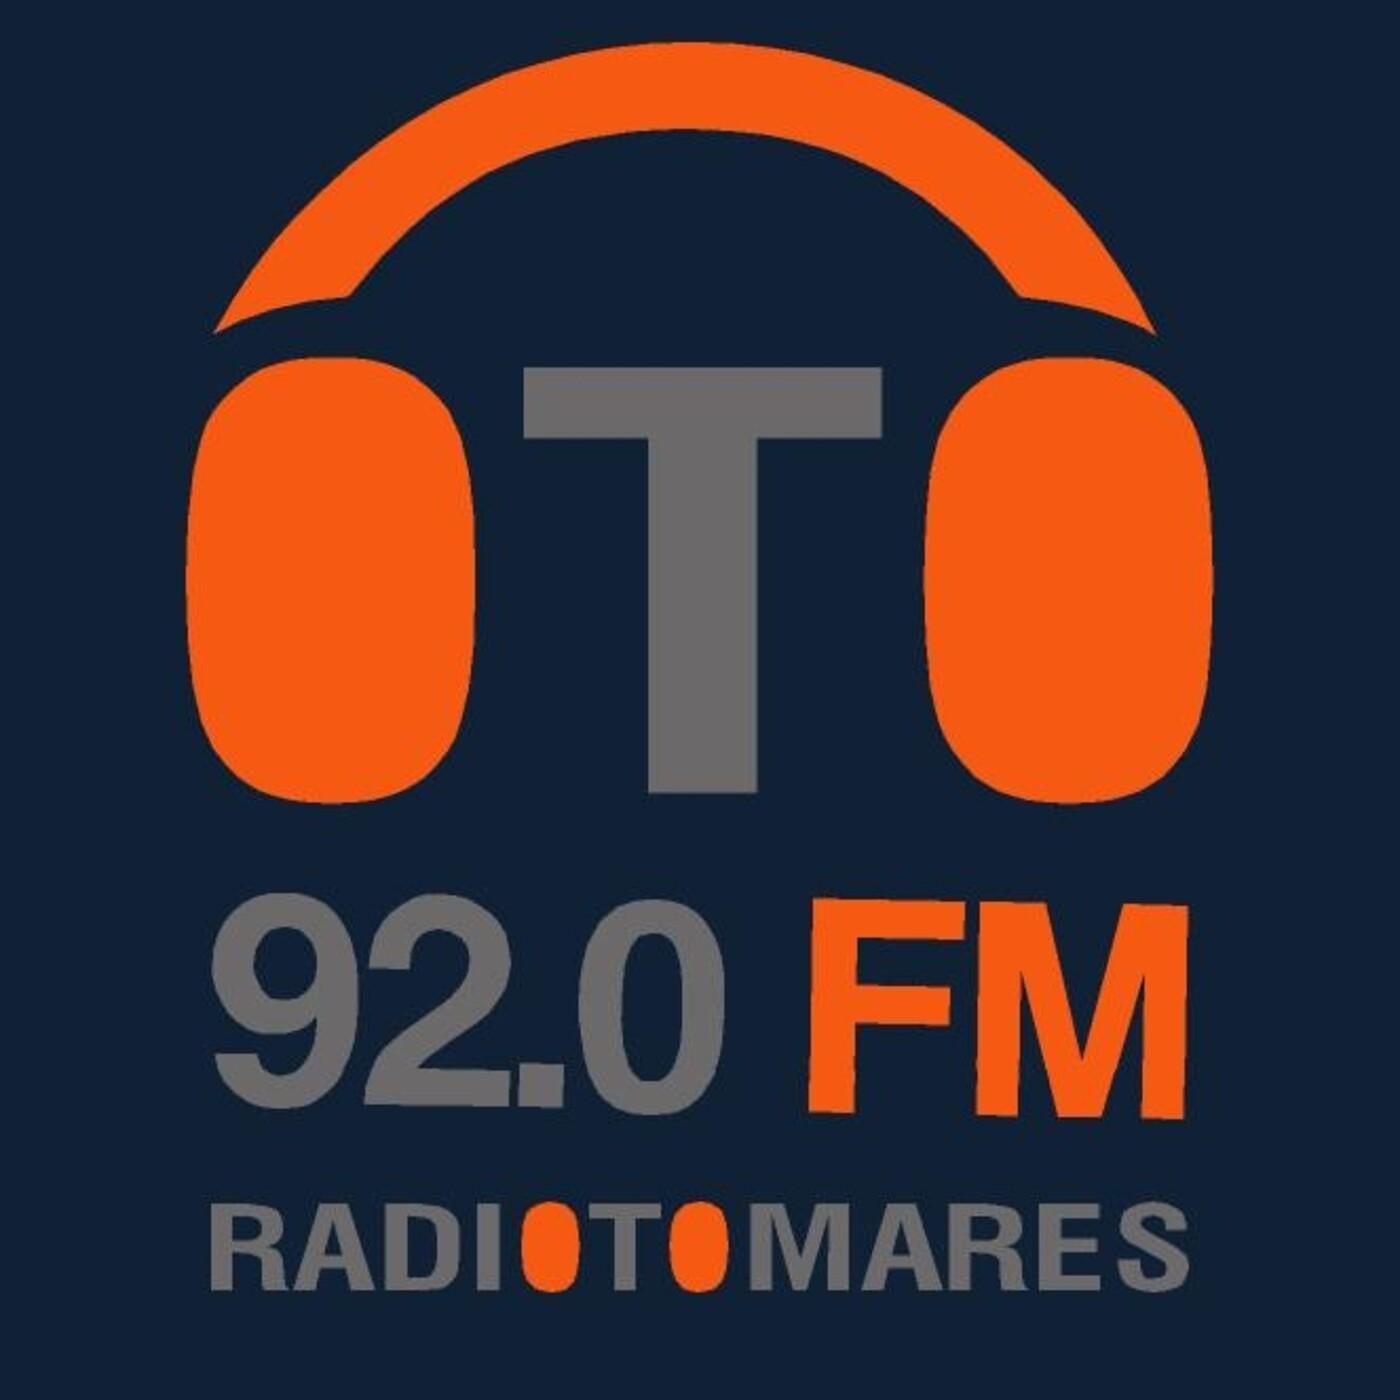 Radio Tomares